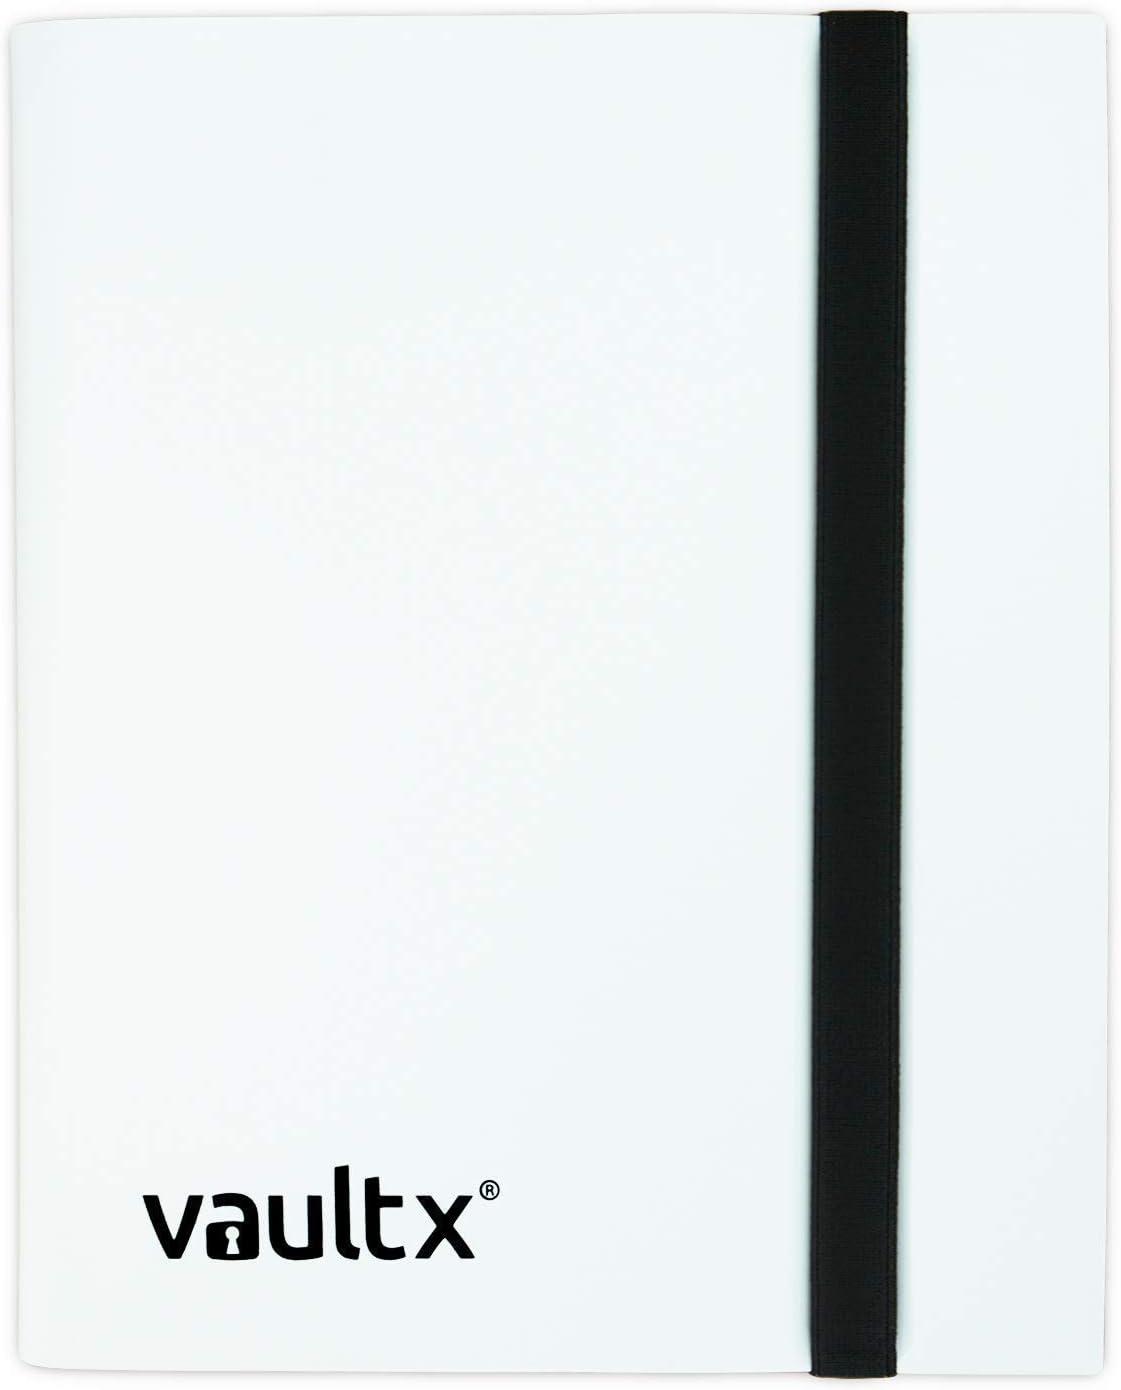 160 Side Loading Pocket Binder for TCG 4 Pocket Trading Card Album Folder White Vault X Binder